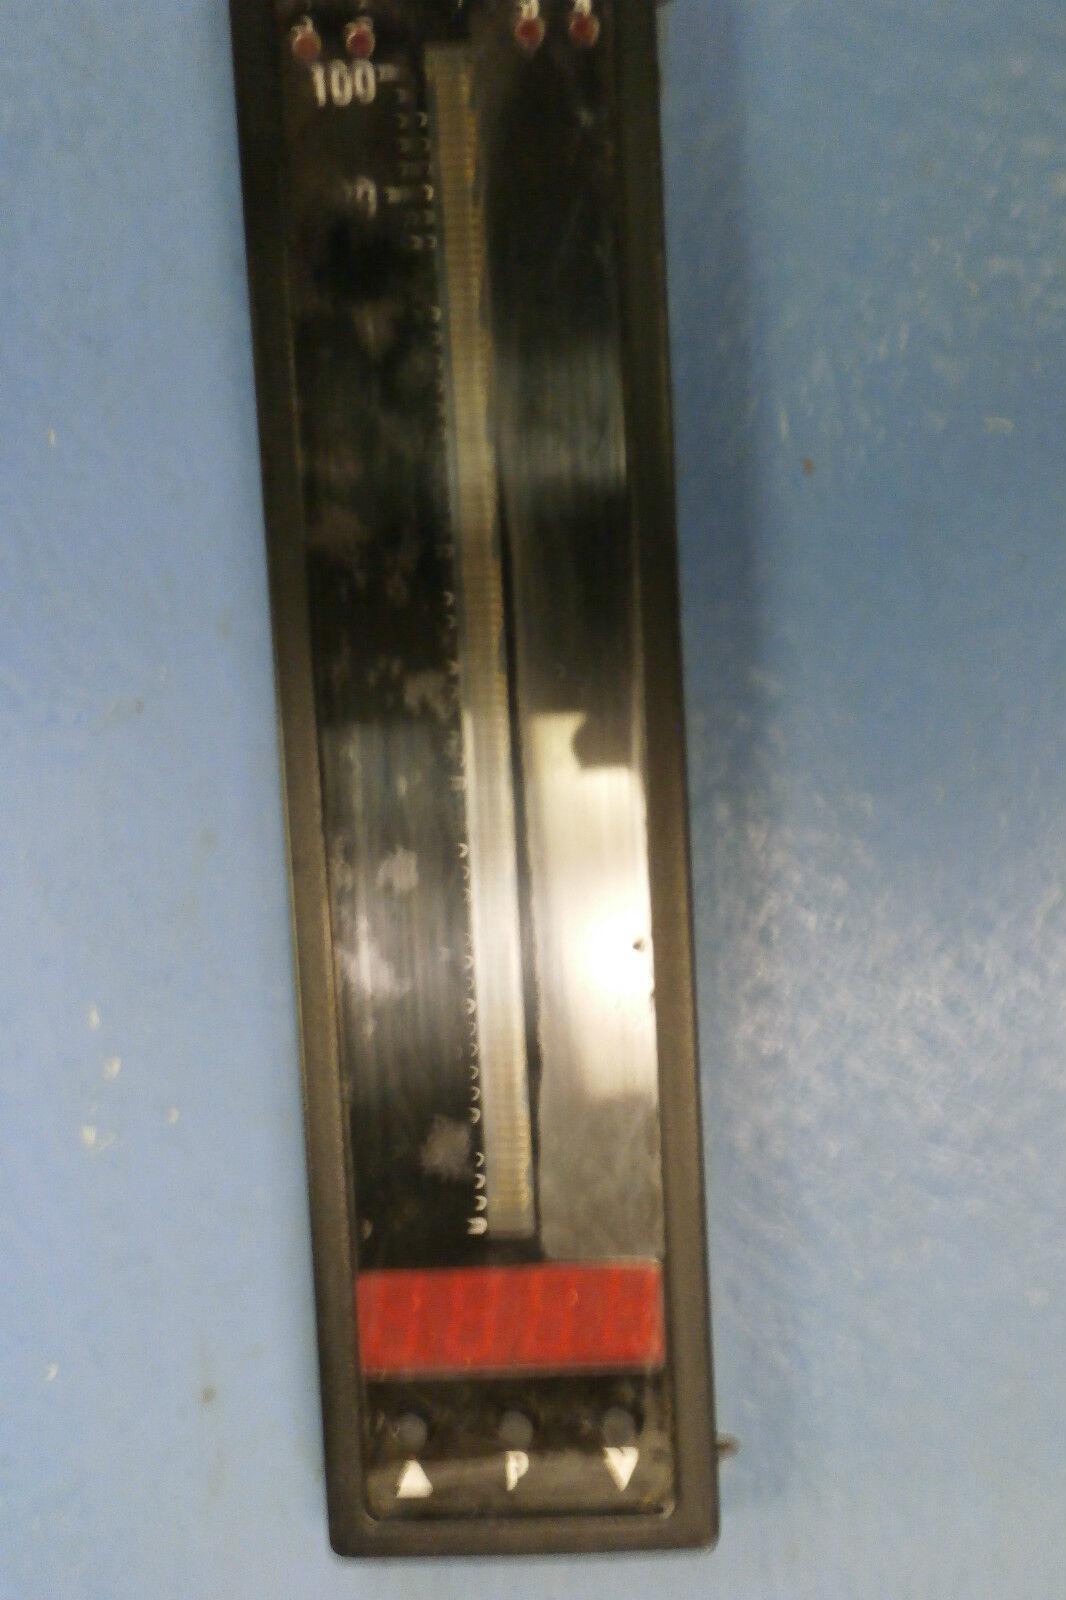 Texmate FL-B101D40 Texmate FL-B101D40 Series 4-Digit Bargraph Meter